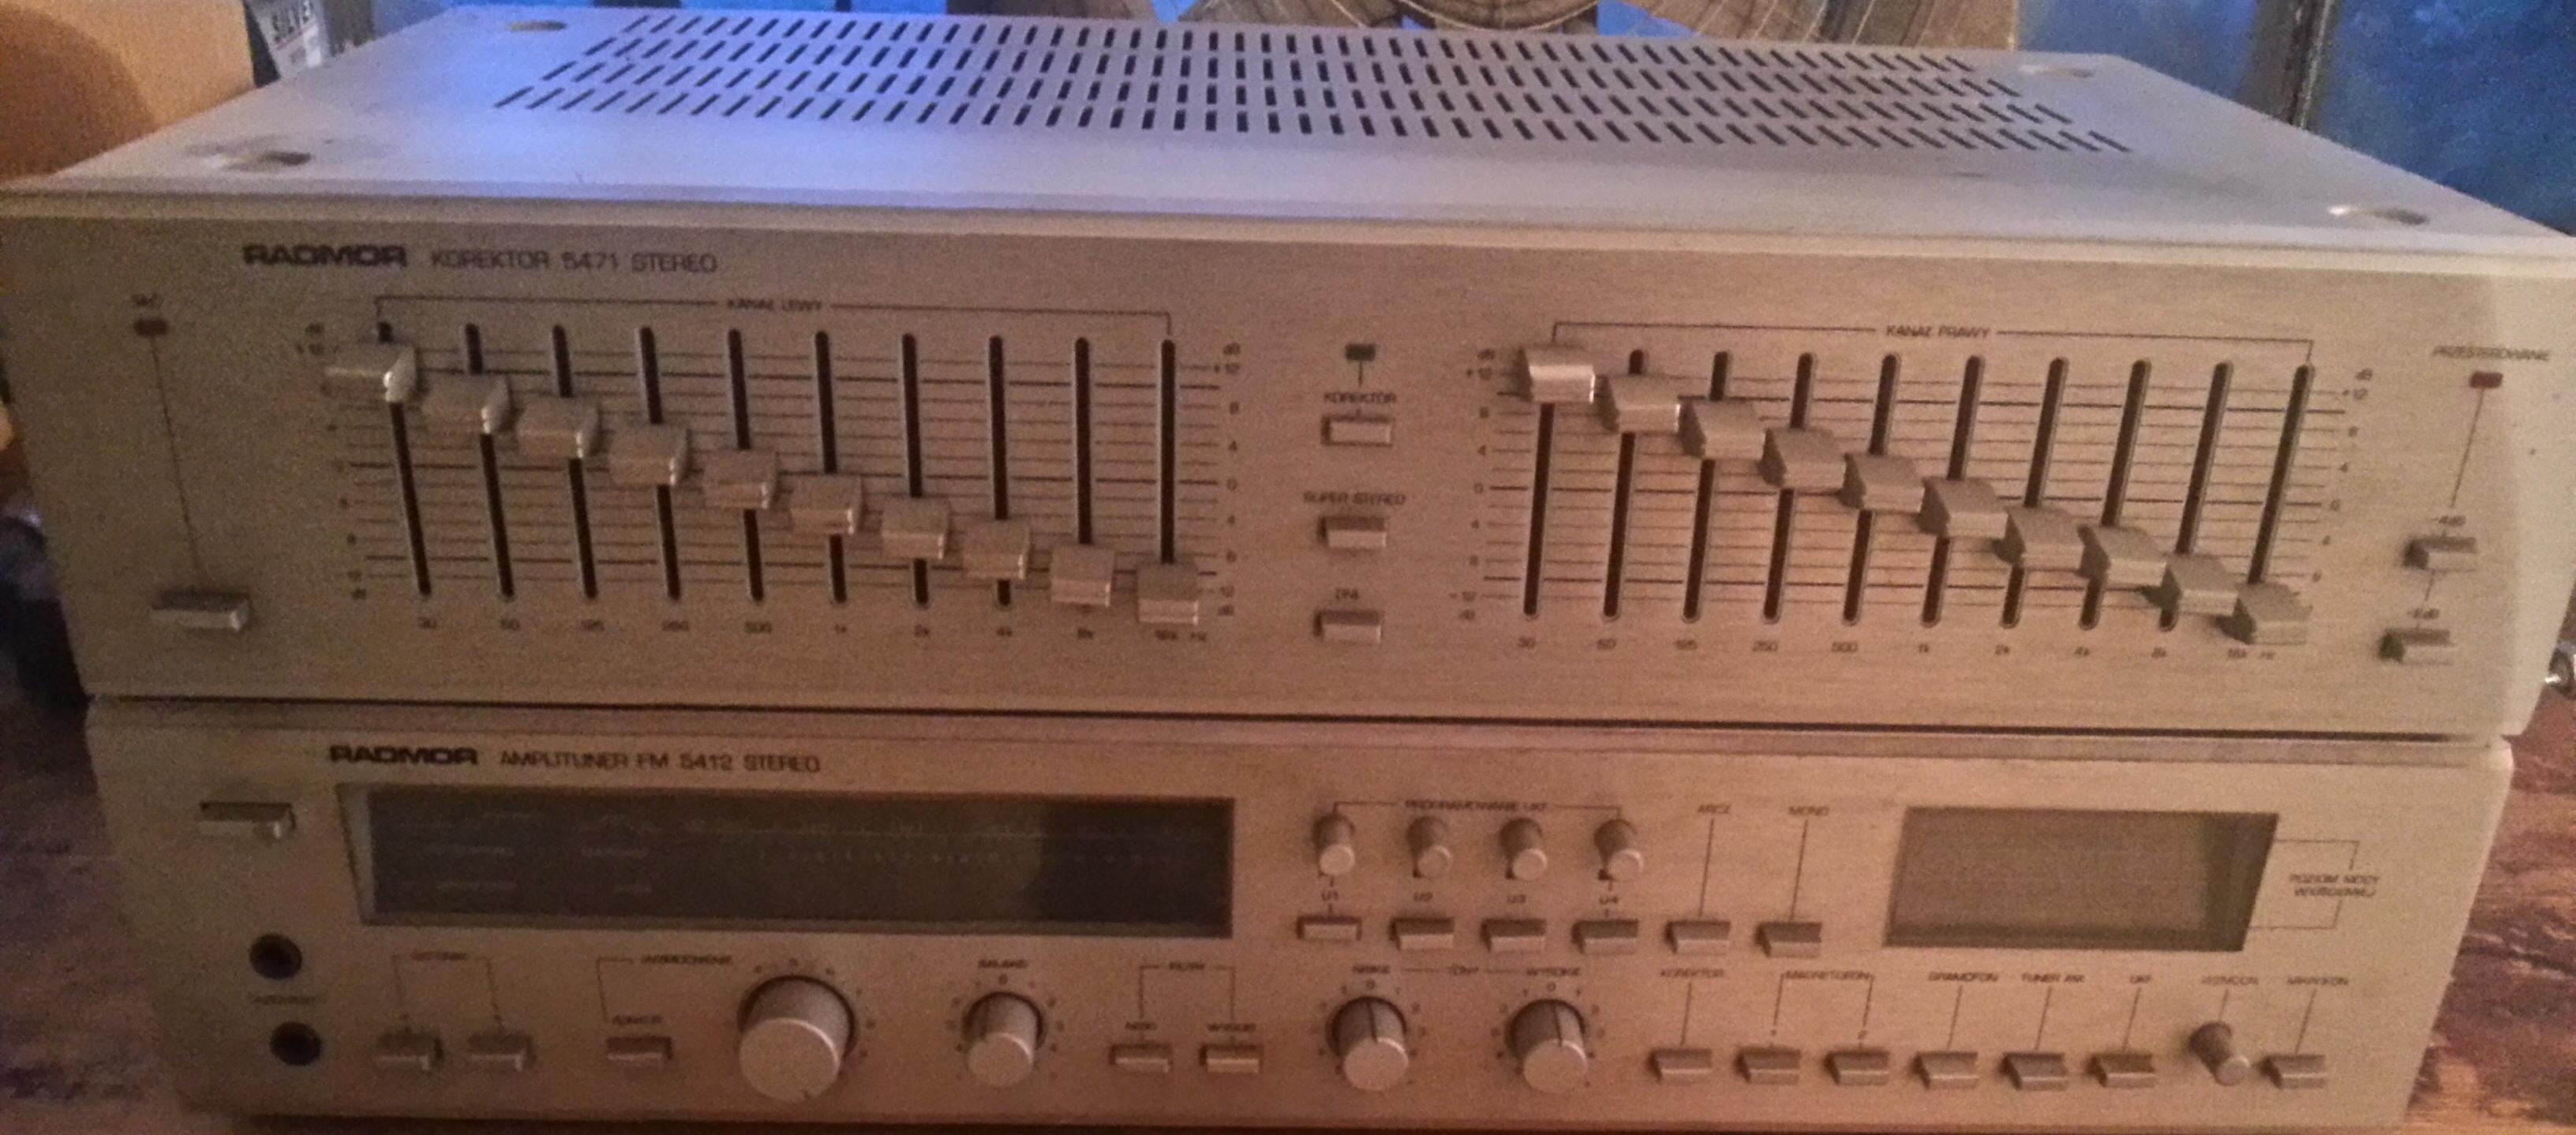 [Sprzedam] Radmor FM 5412 + 5471